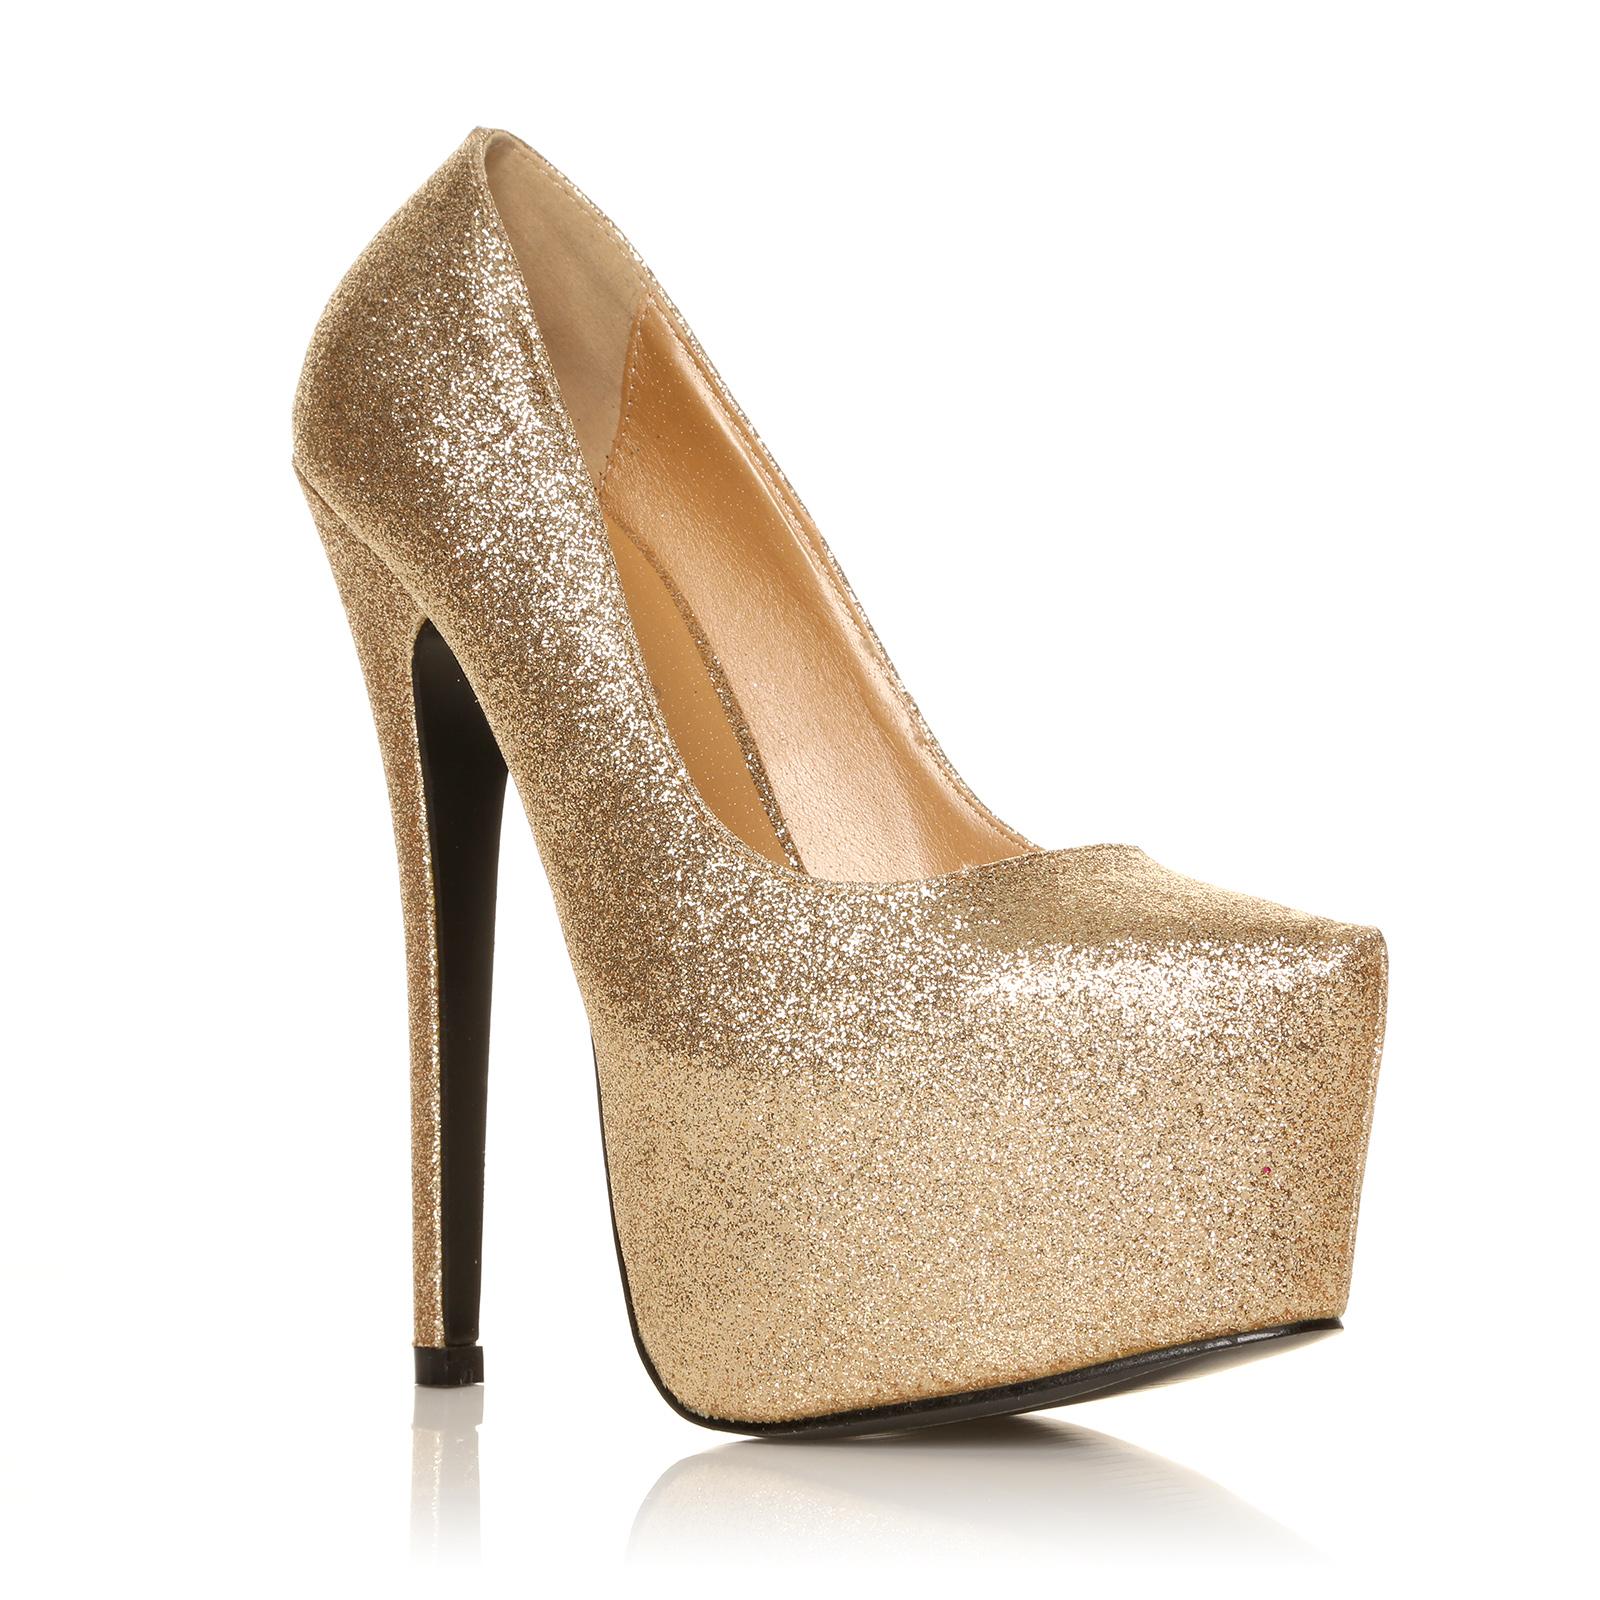 Blue Court Shoes Size